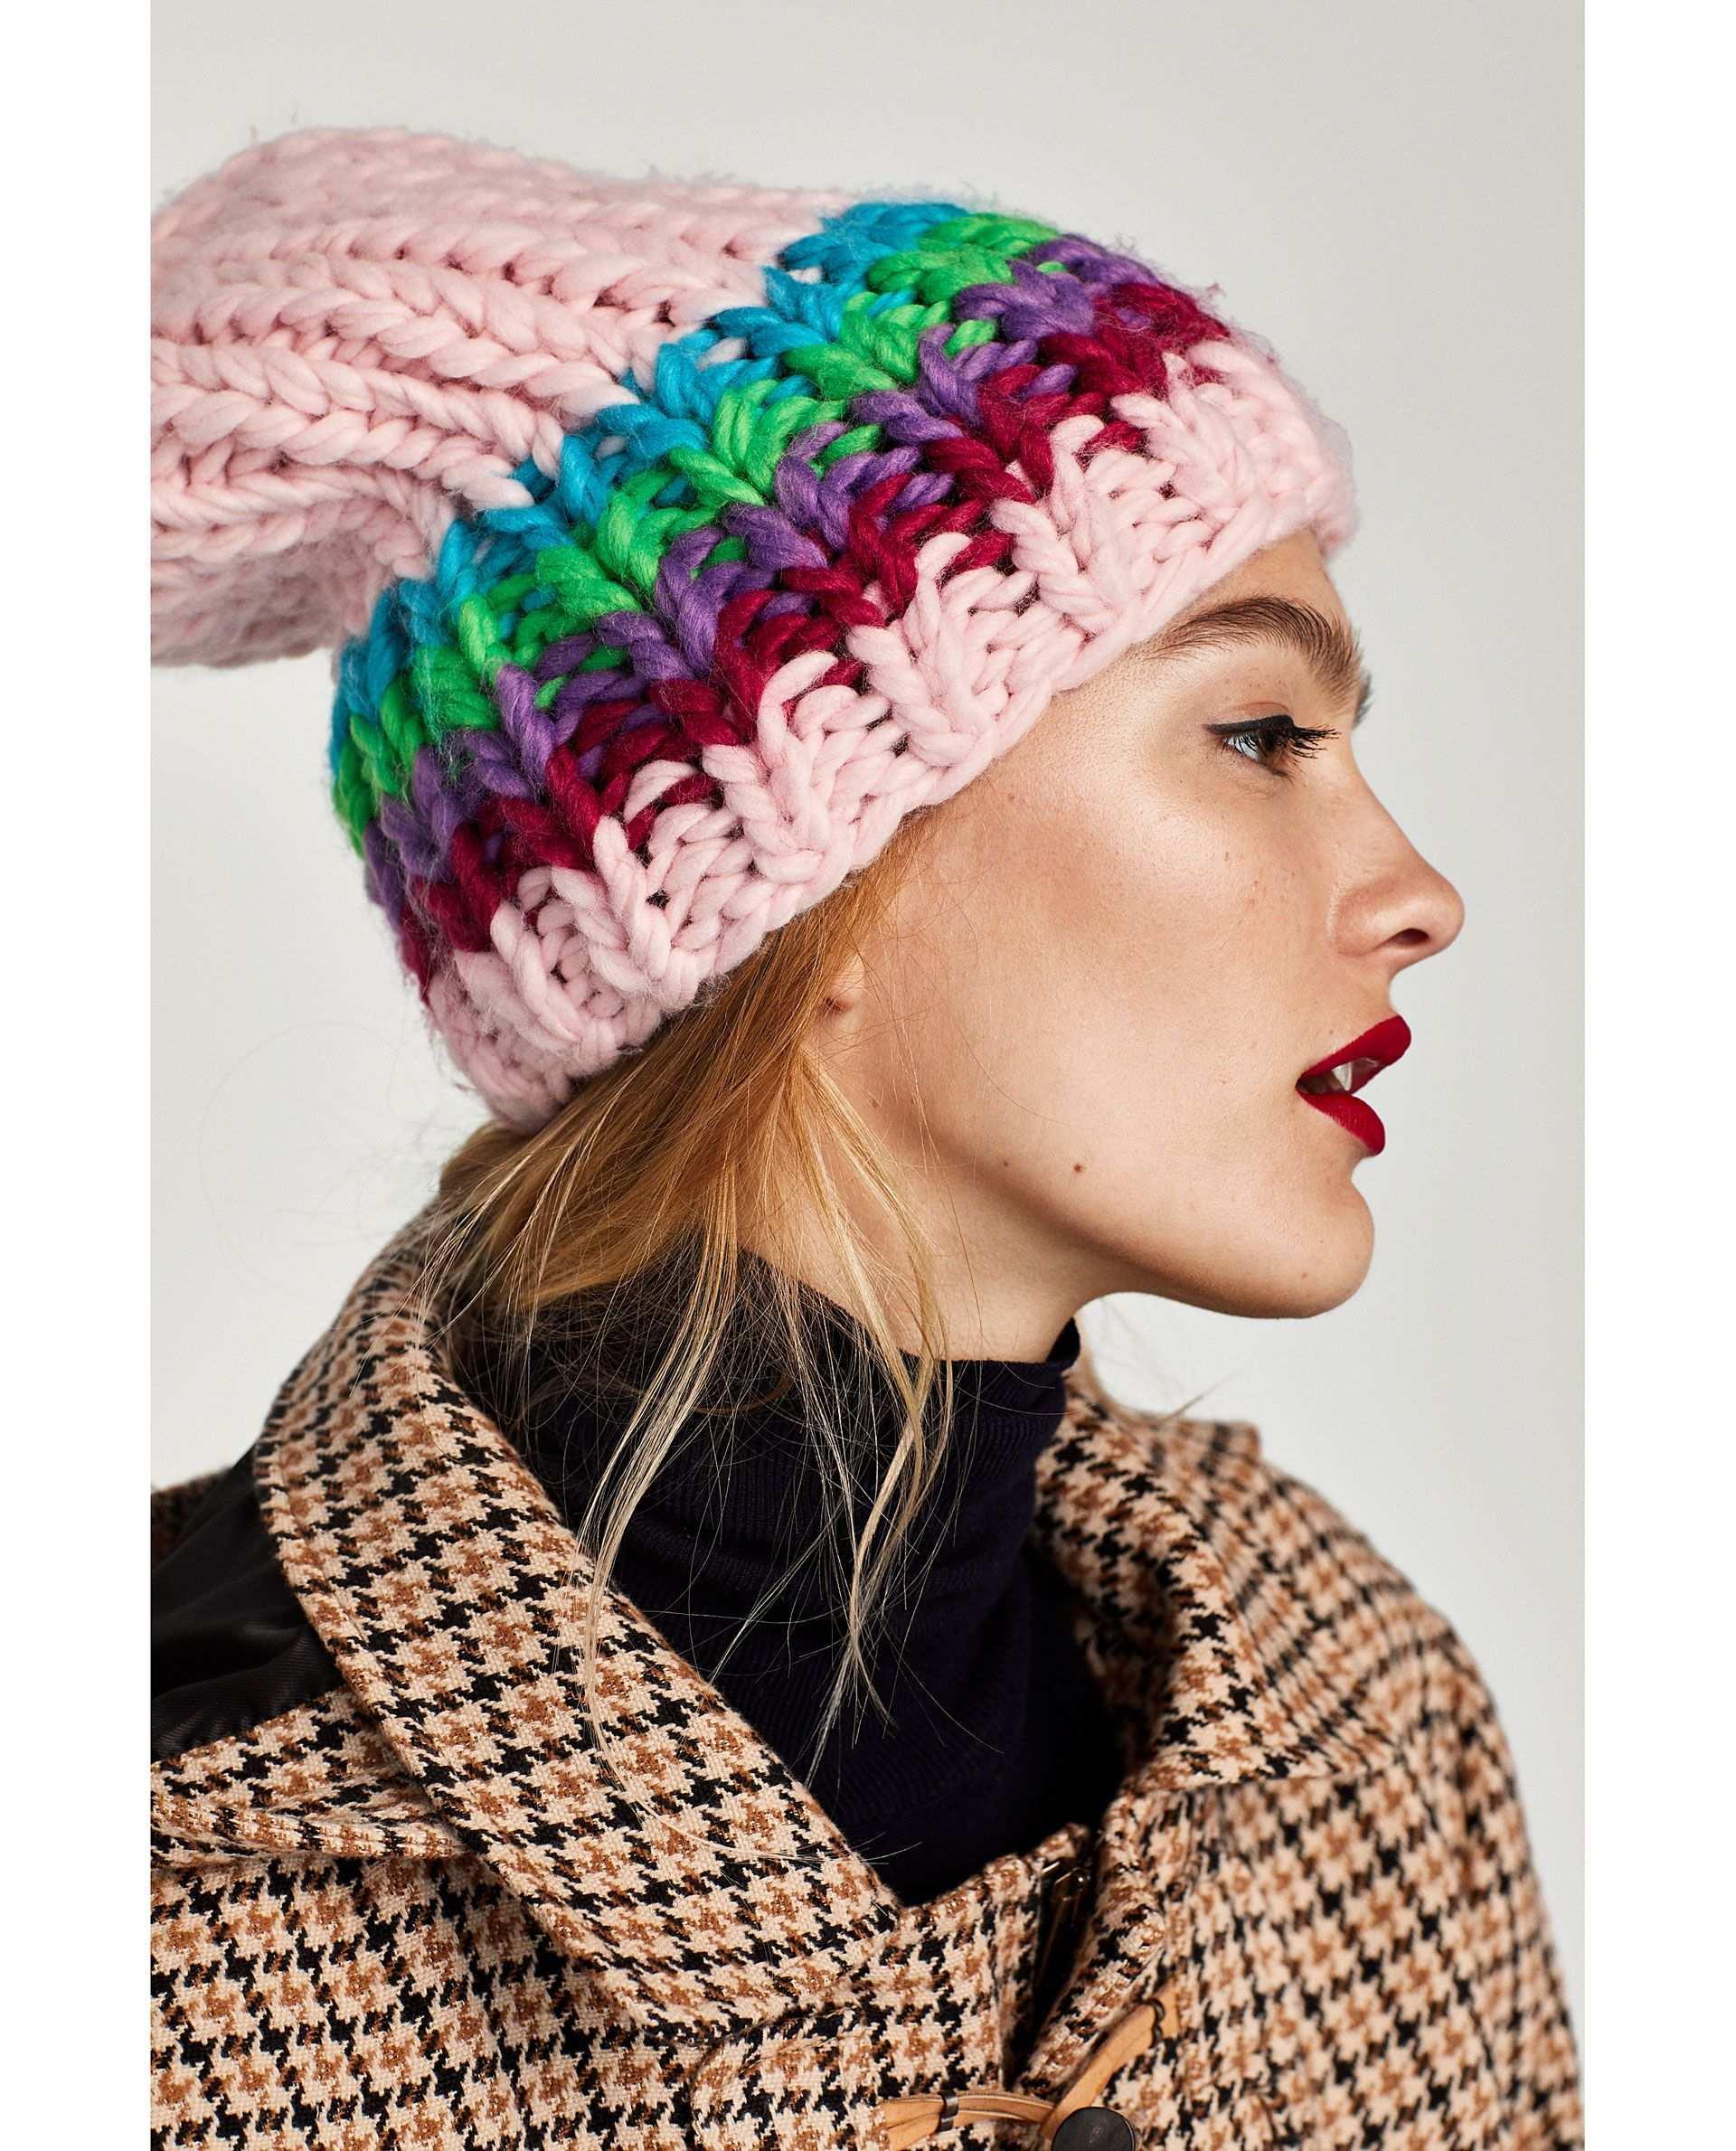 Zara Woman Knitted Beanie Extravagante Hute Stricken Strickmutze